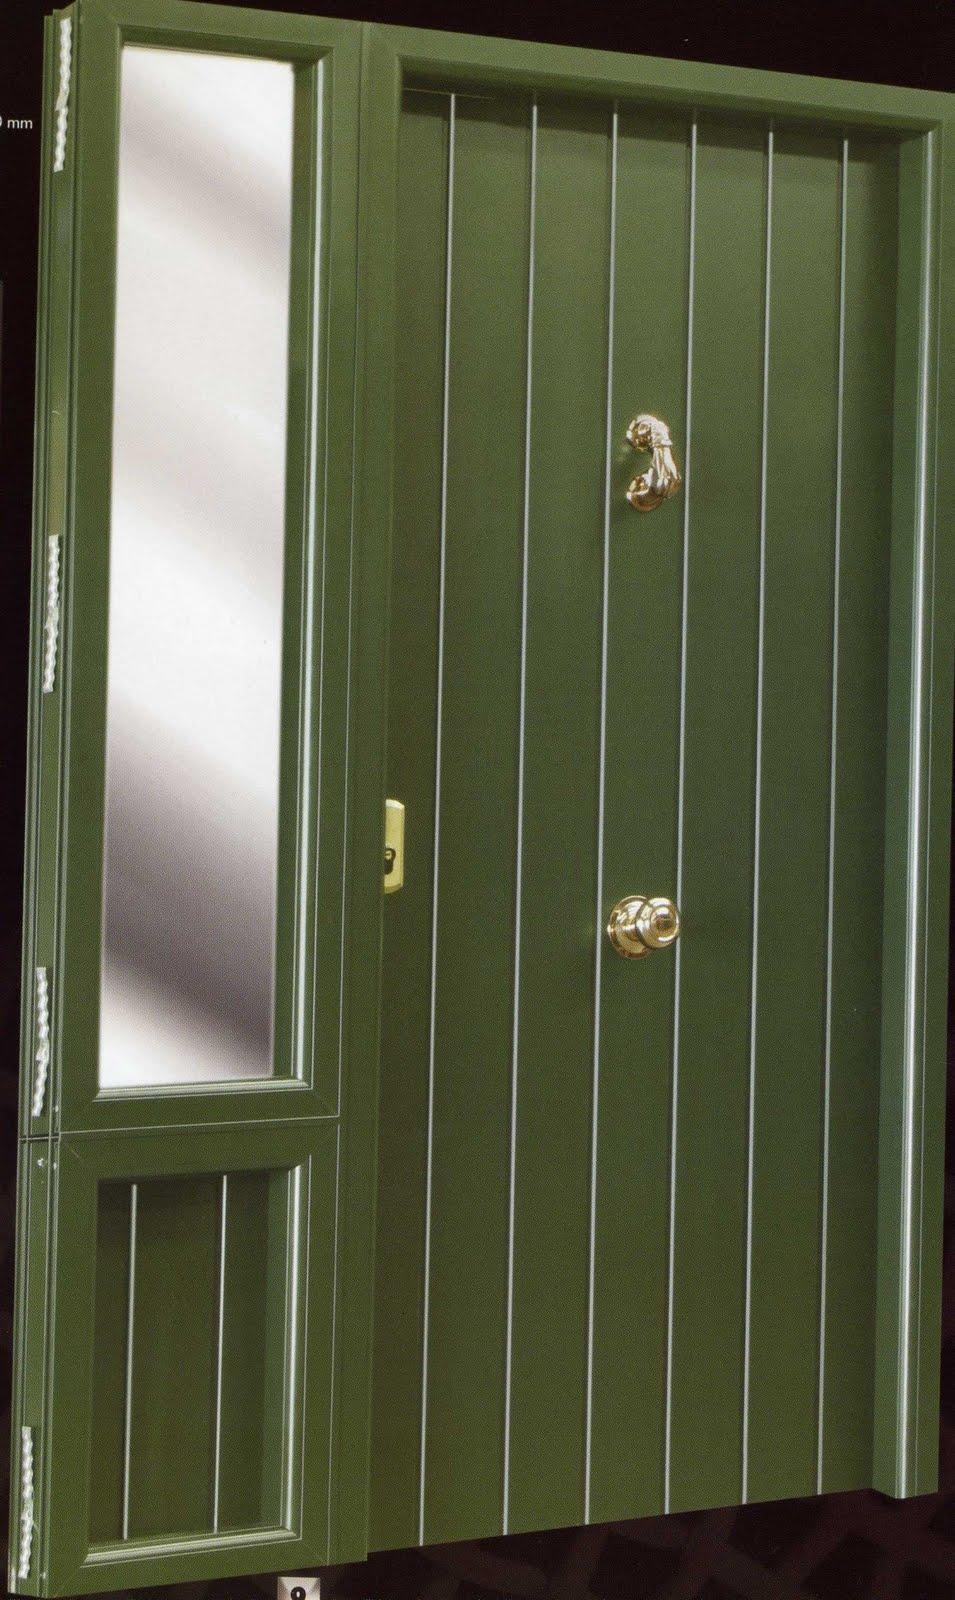 Qué Hacer Puertas De Cerramientos De Fincas Imagen De Puertas Diseño